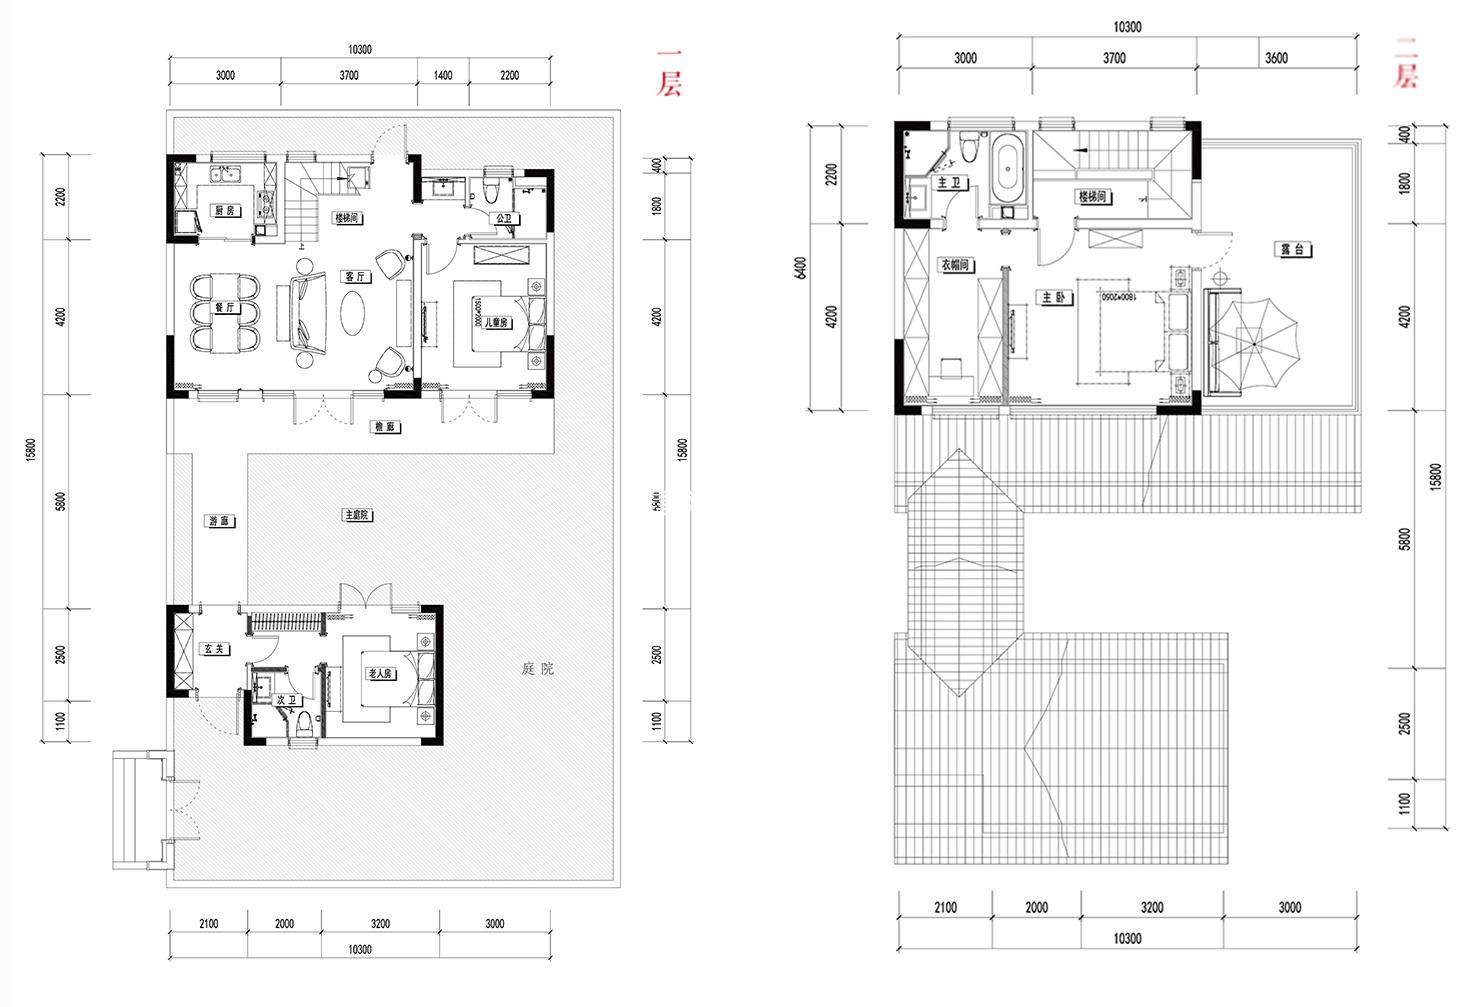 别墅A1 3室2厅3卫1厨 建面149㎡